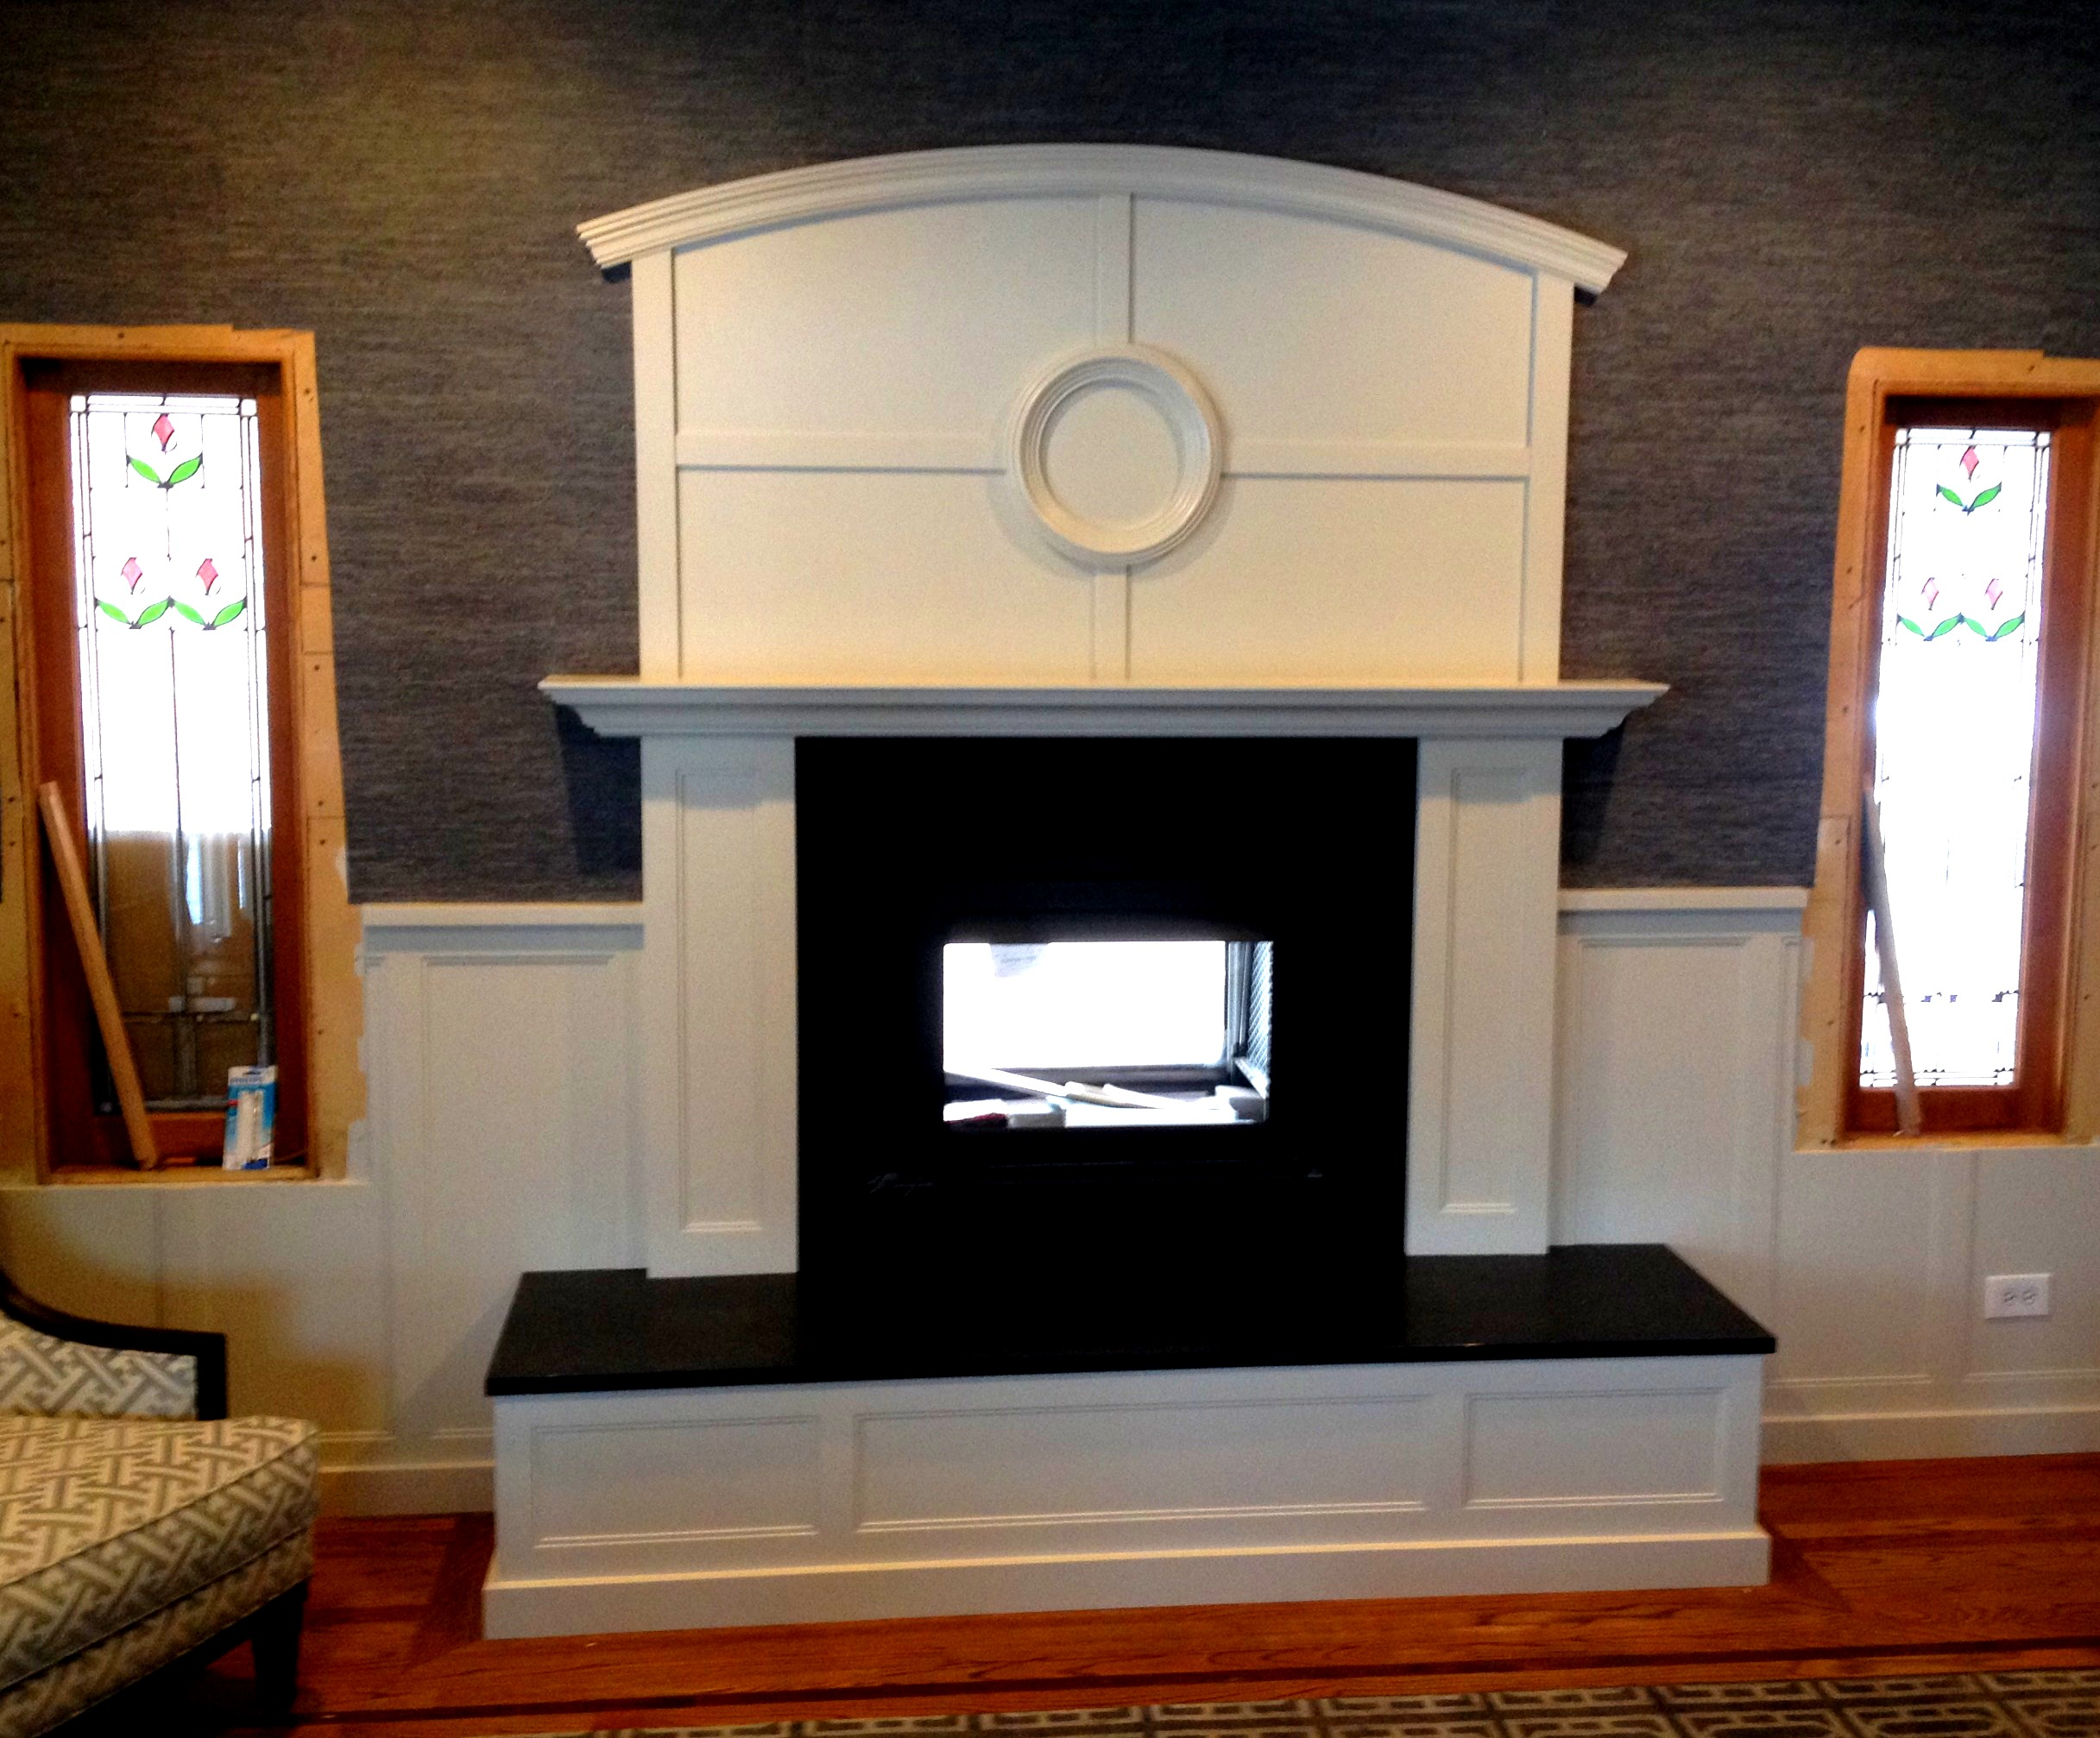 Customized Fireplace Surround Mantel